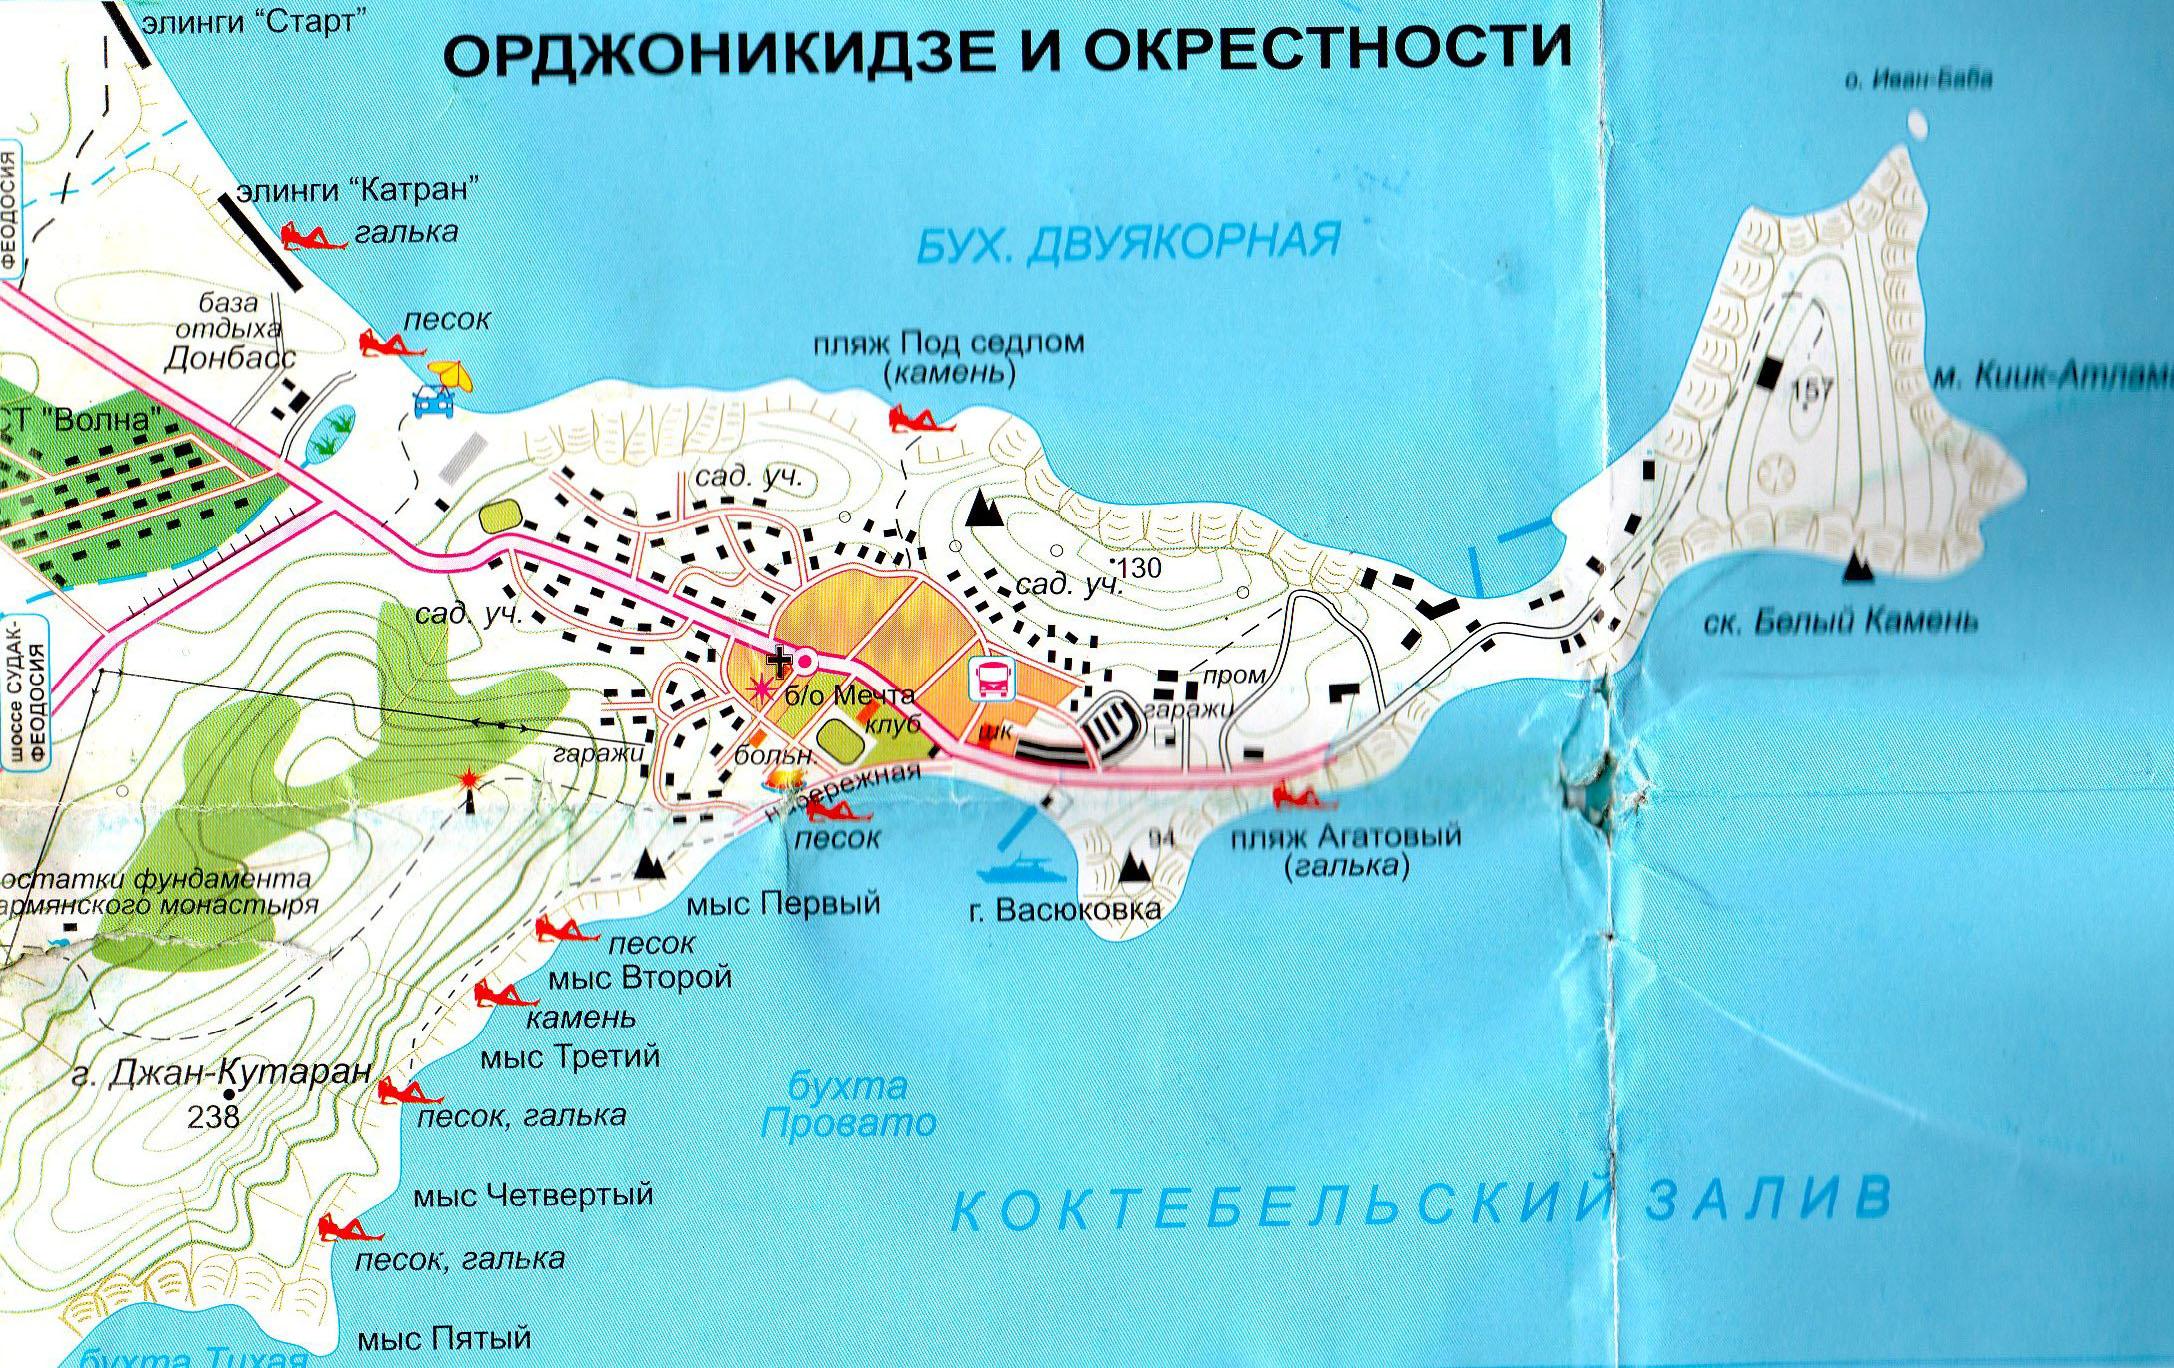 крым пос.орджоникидзе фото